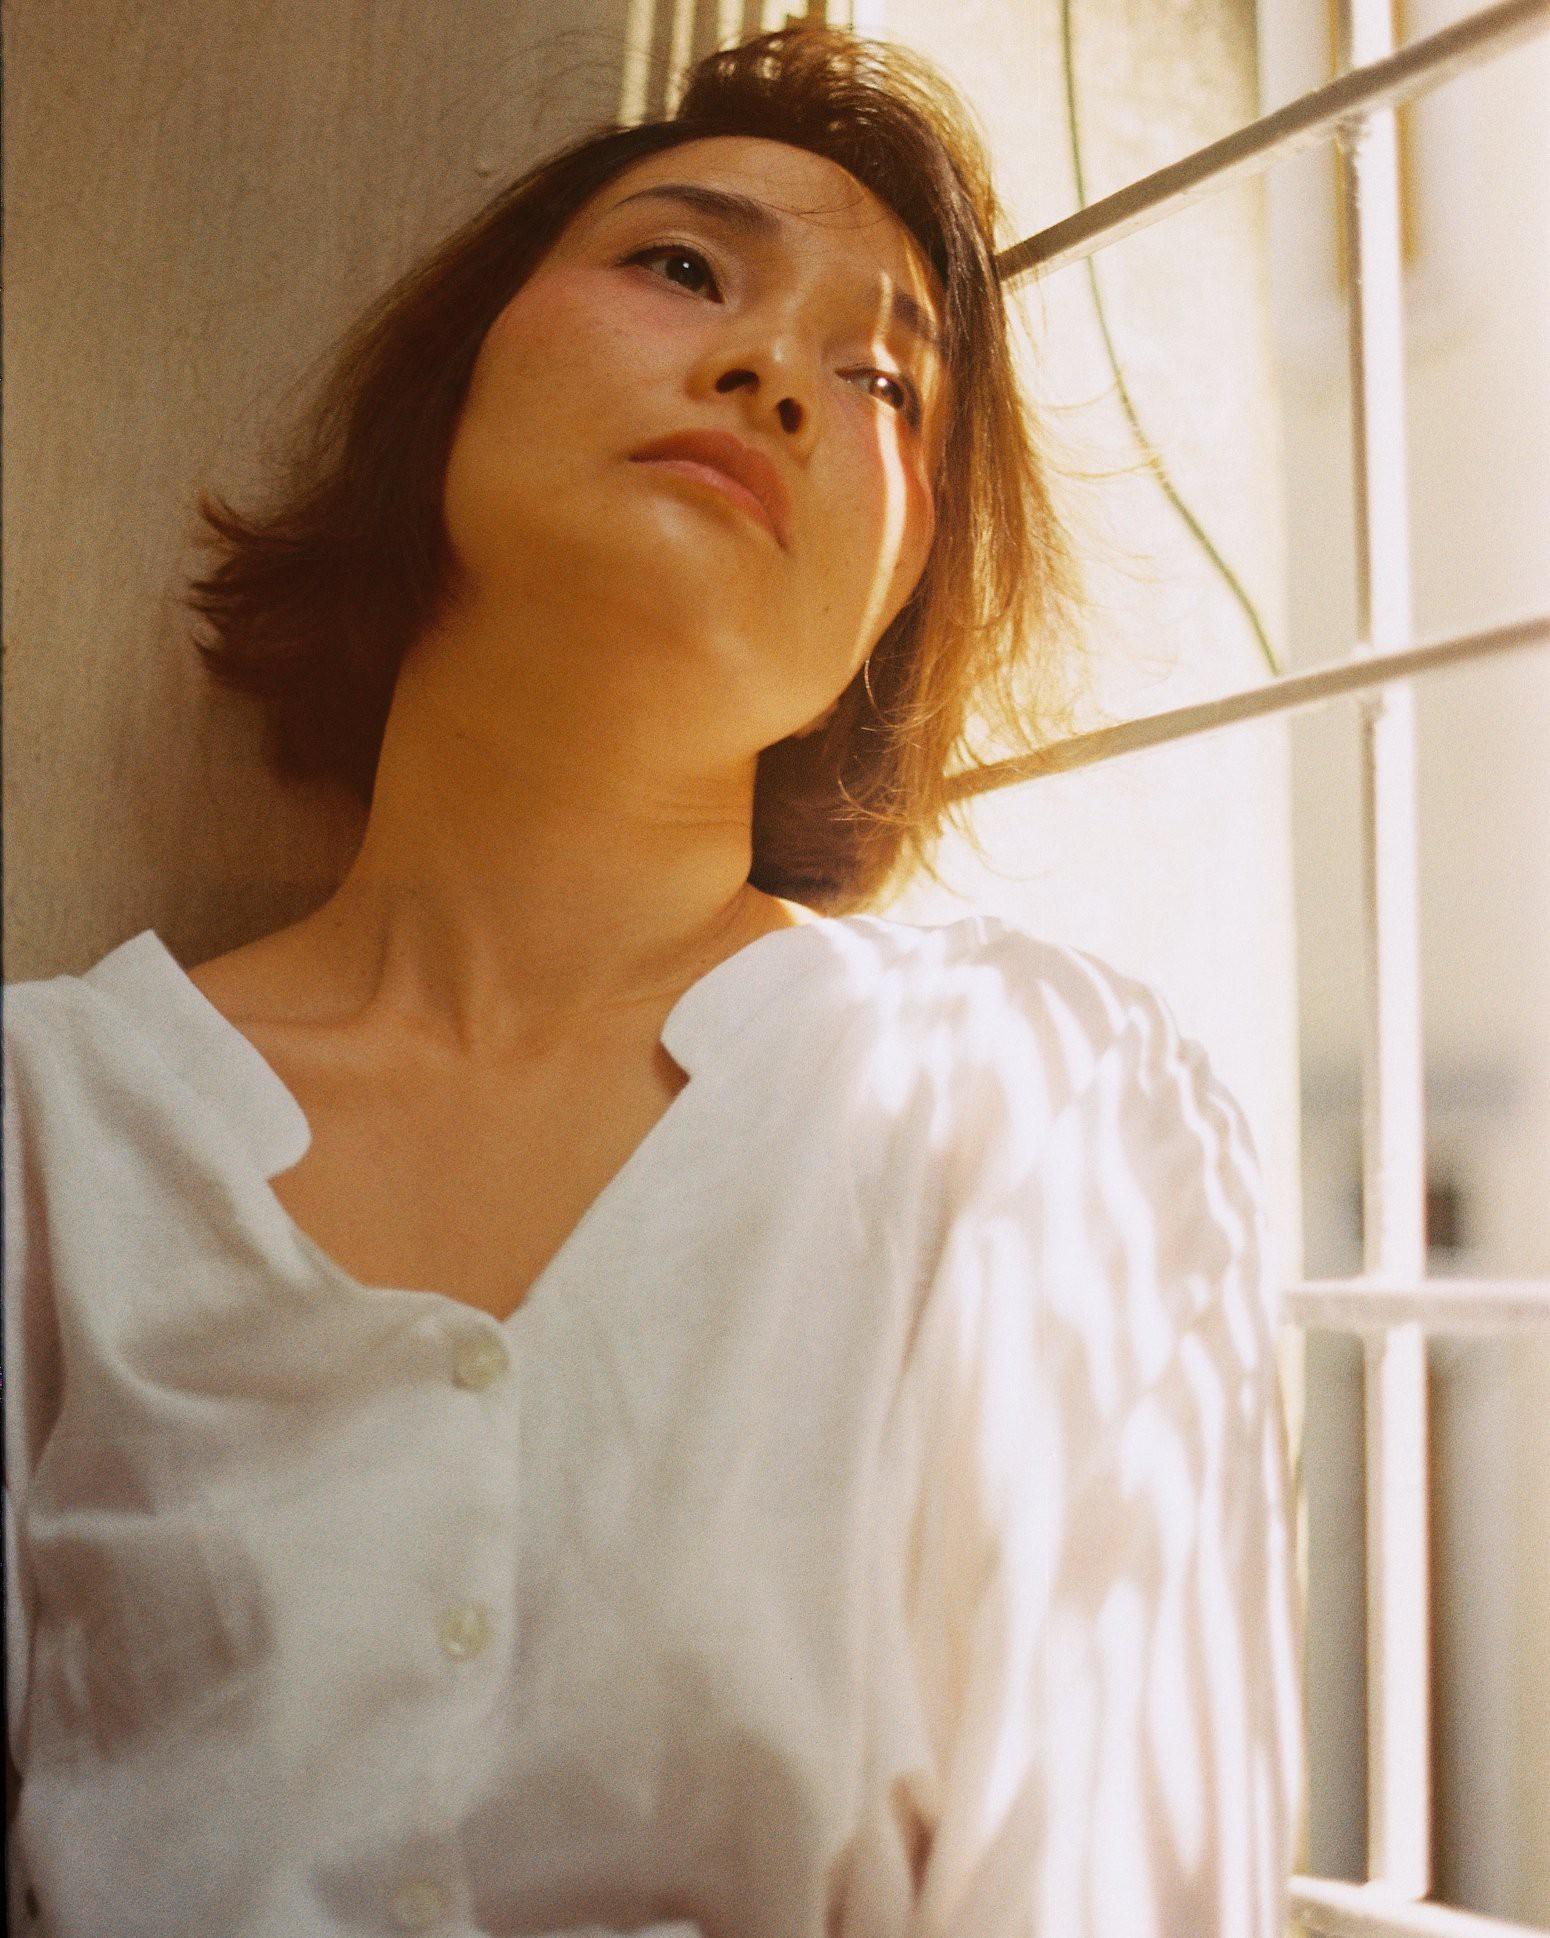 18 tuổi mới đi cafe với mẹ lần đầu tiên, con gái cho ra bộ ảnh film nàng thơ U50 so deep - Ảnh 5.